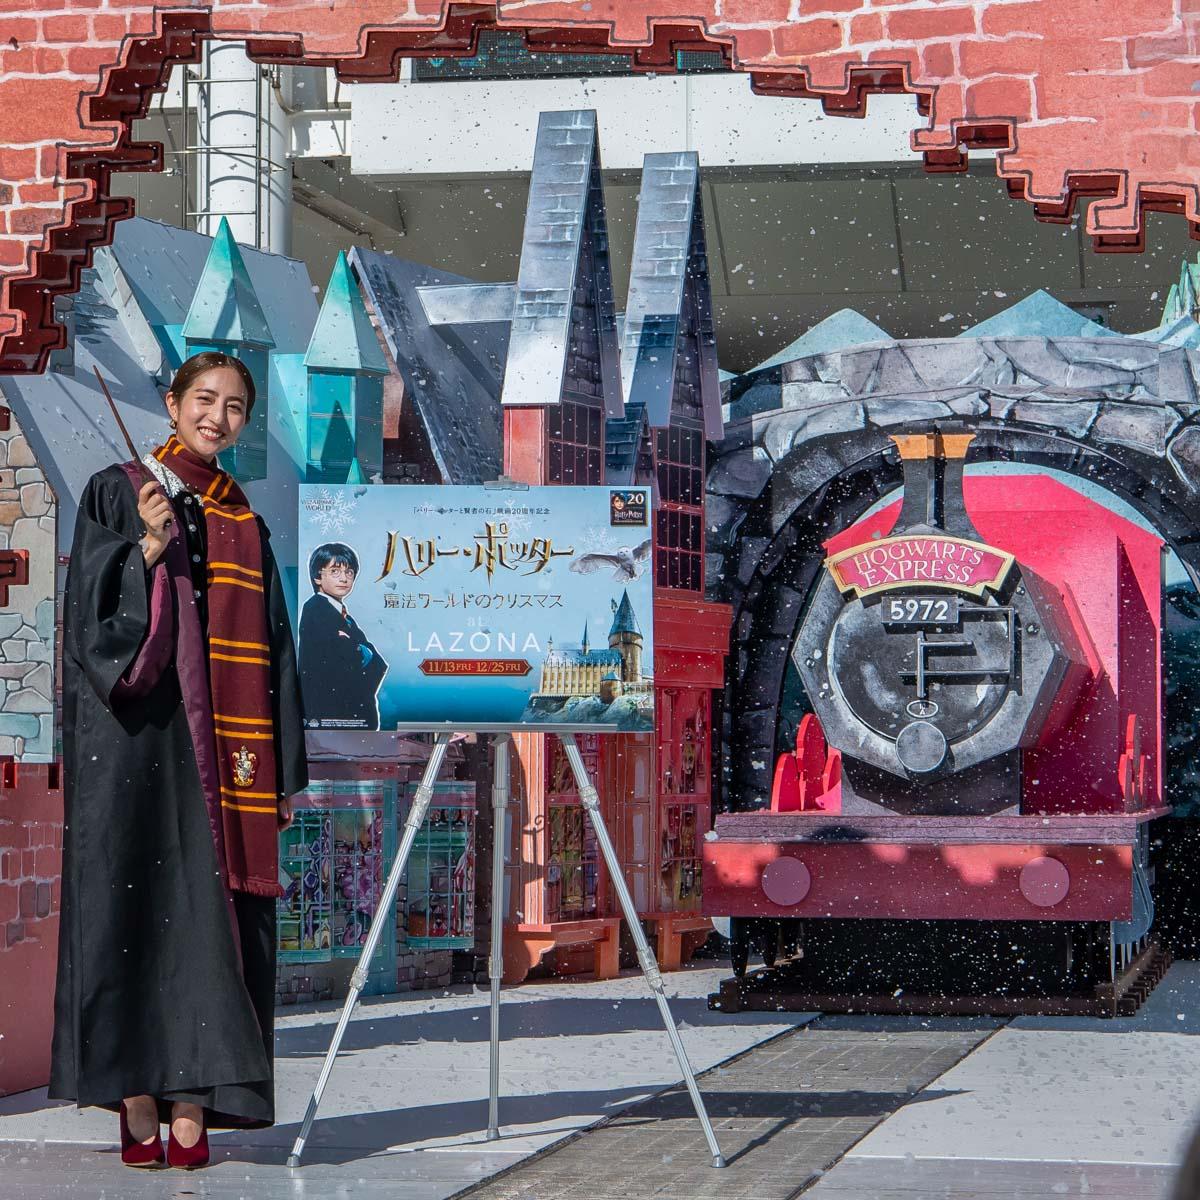 『ハリー・ポッターと賢者の石』映画公開20周年 ハリー・ポッター魔法ワールドのクリスマス at LAZONA オープニングイベント